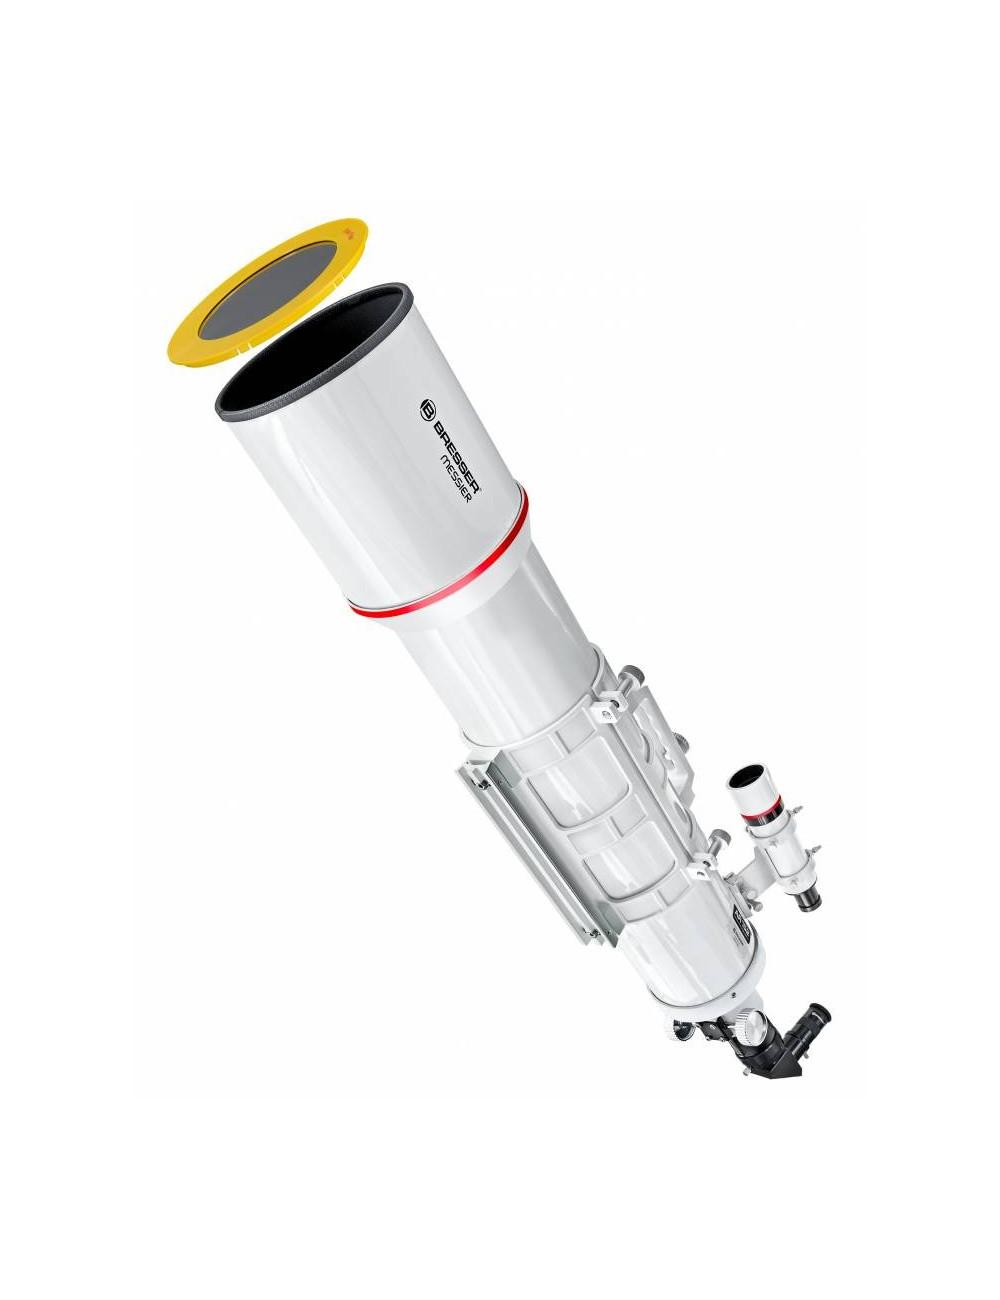 Tube optique Bresser Messier AR-152S/760 Hexafoc